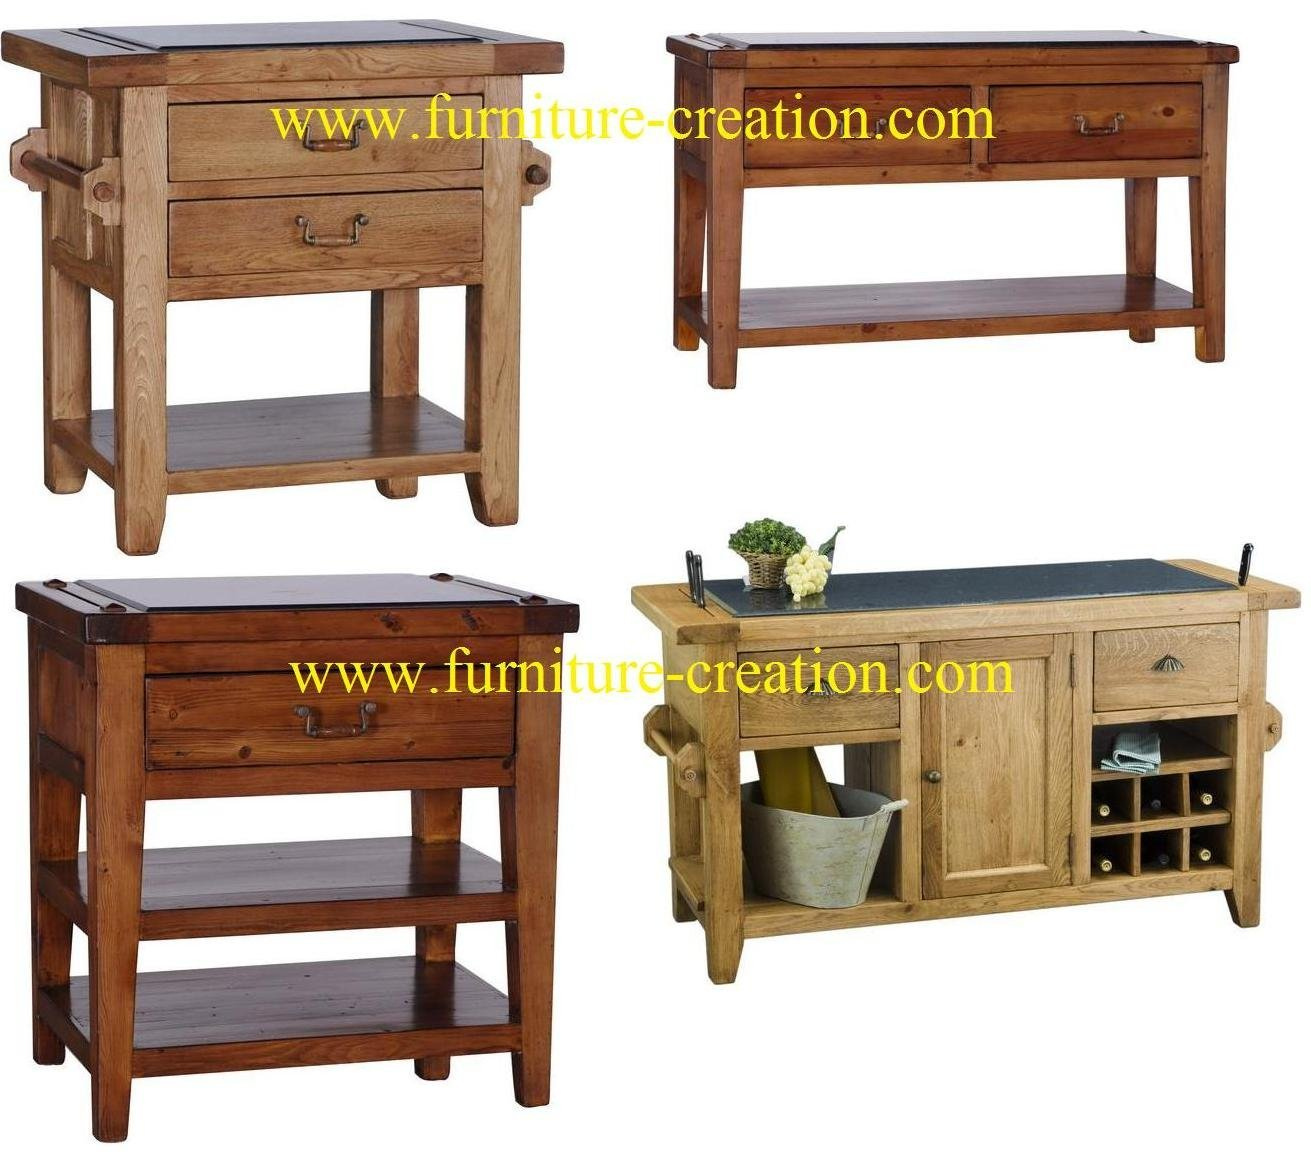 Cocina islas muebles de madera maciza mobiliario de cocina - Muebles de cocina madera maciza ...